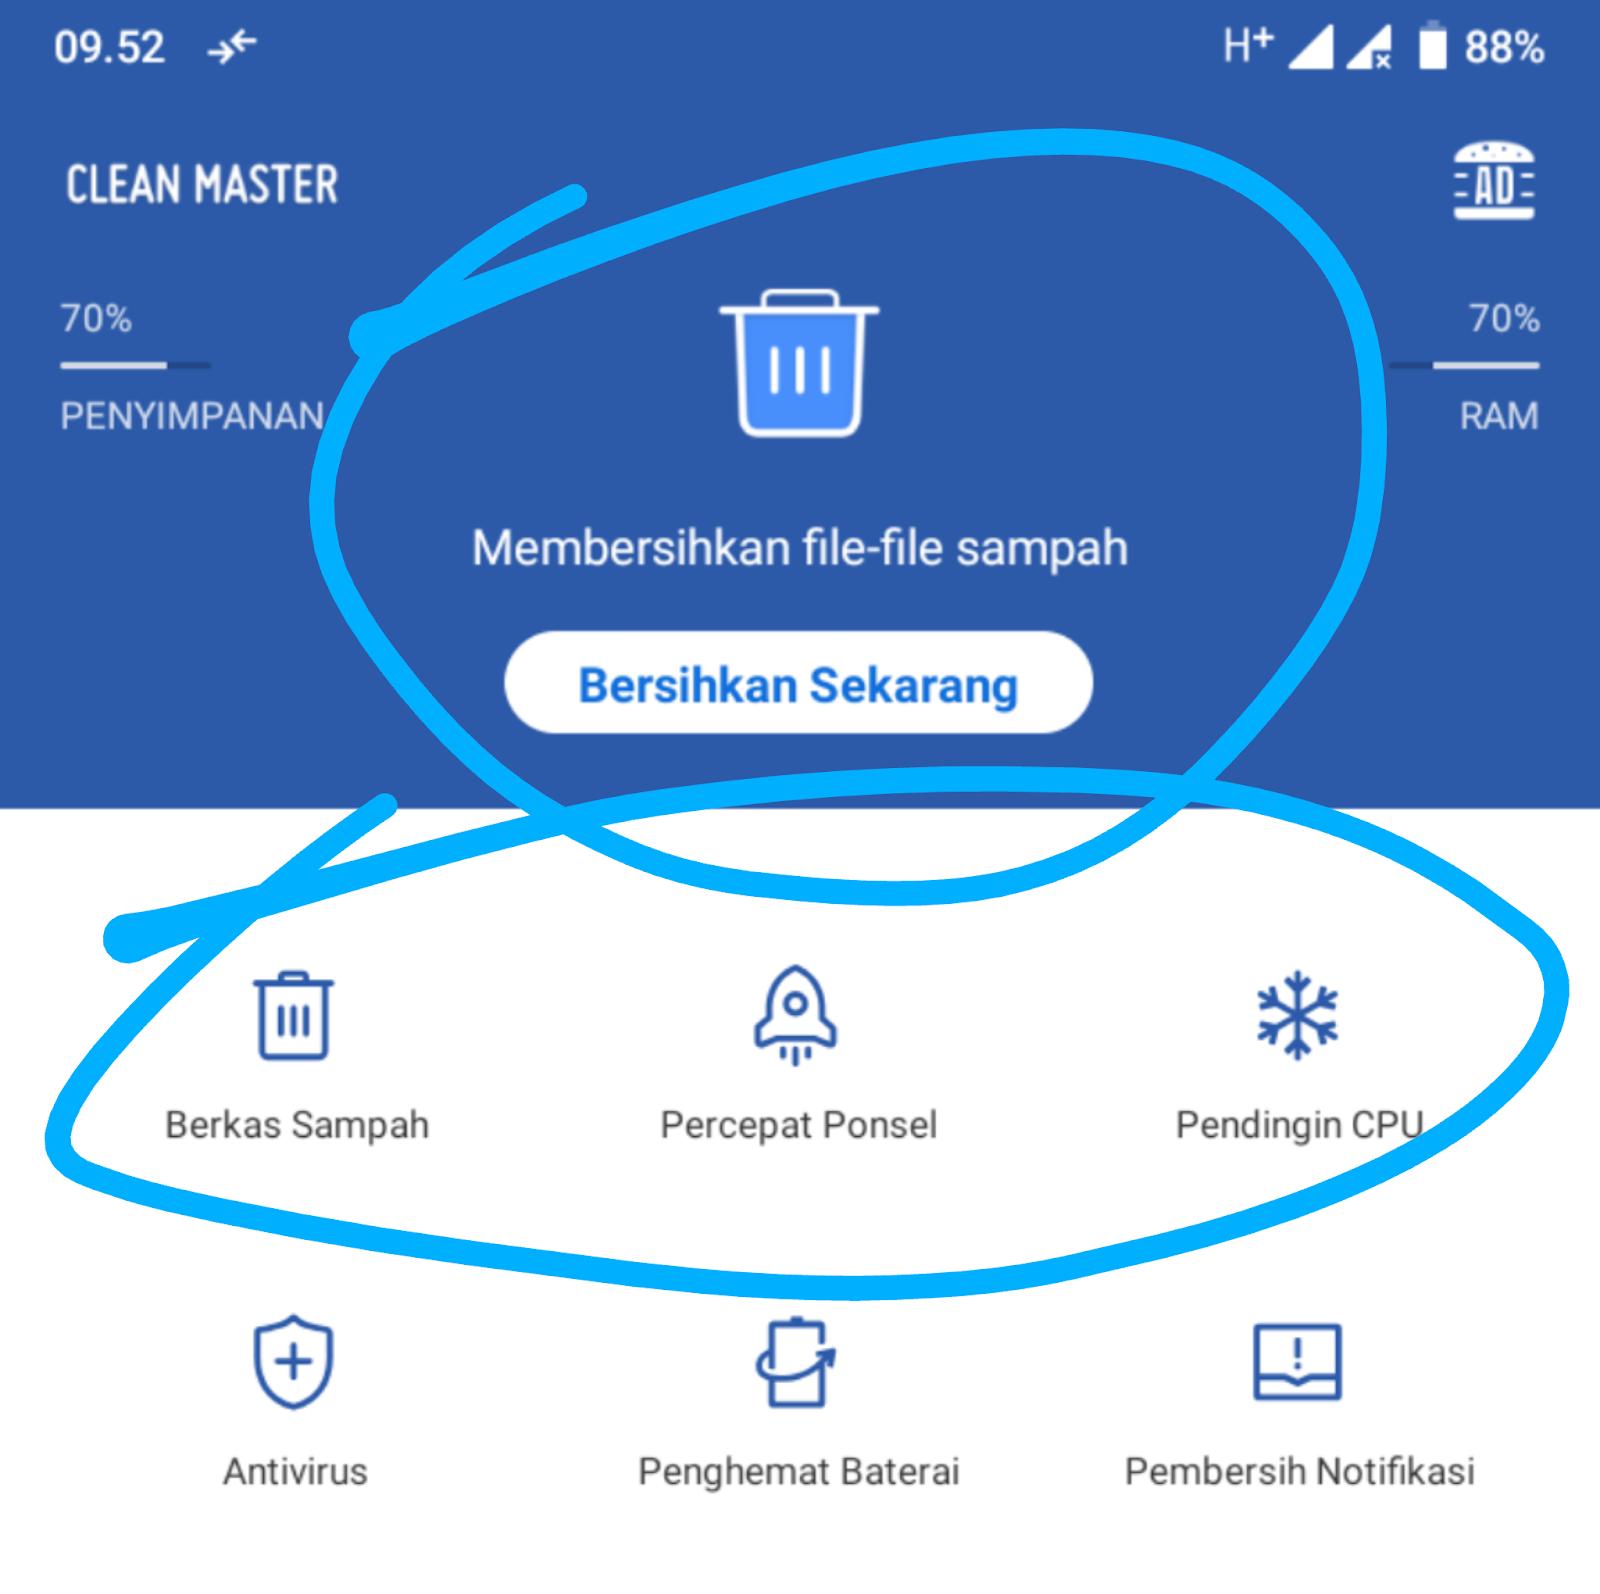 Cara dapat uang dari clean master